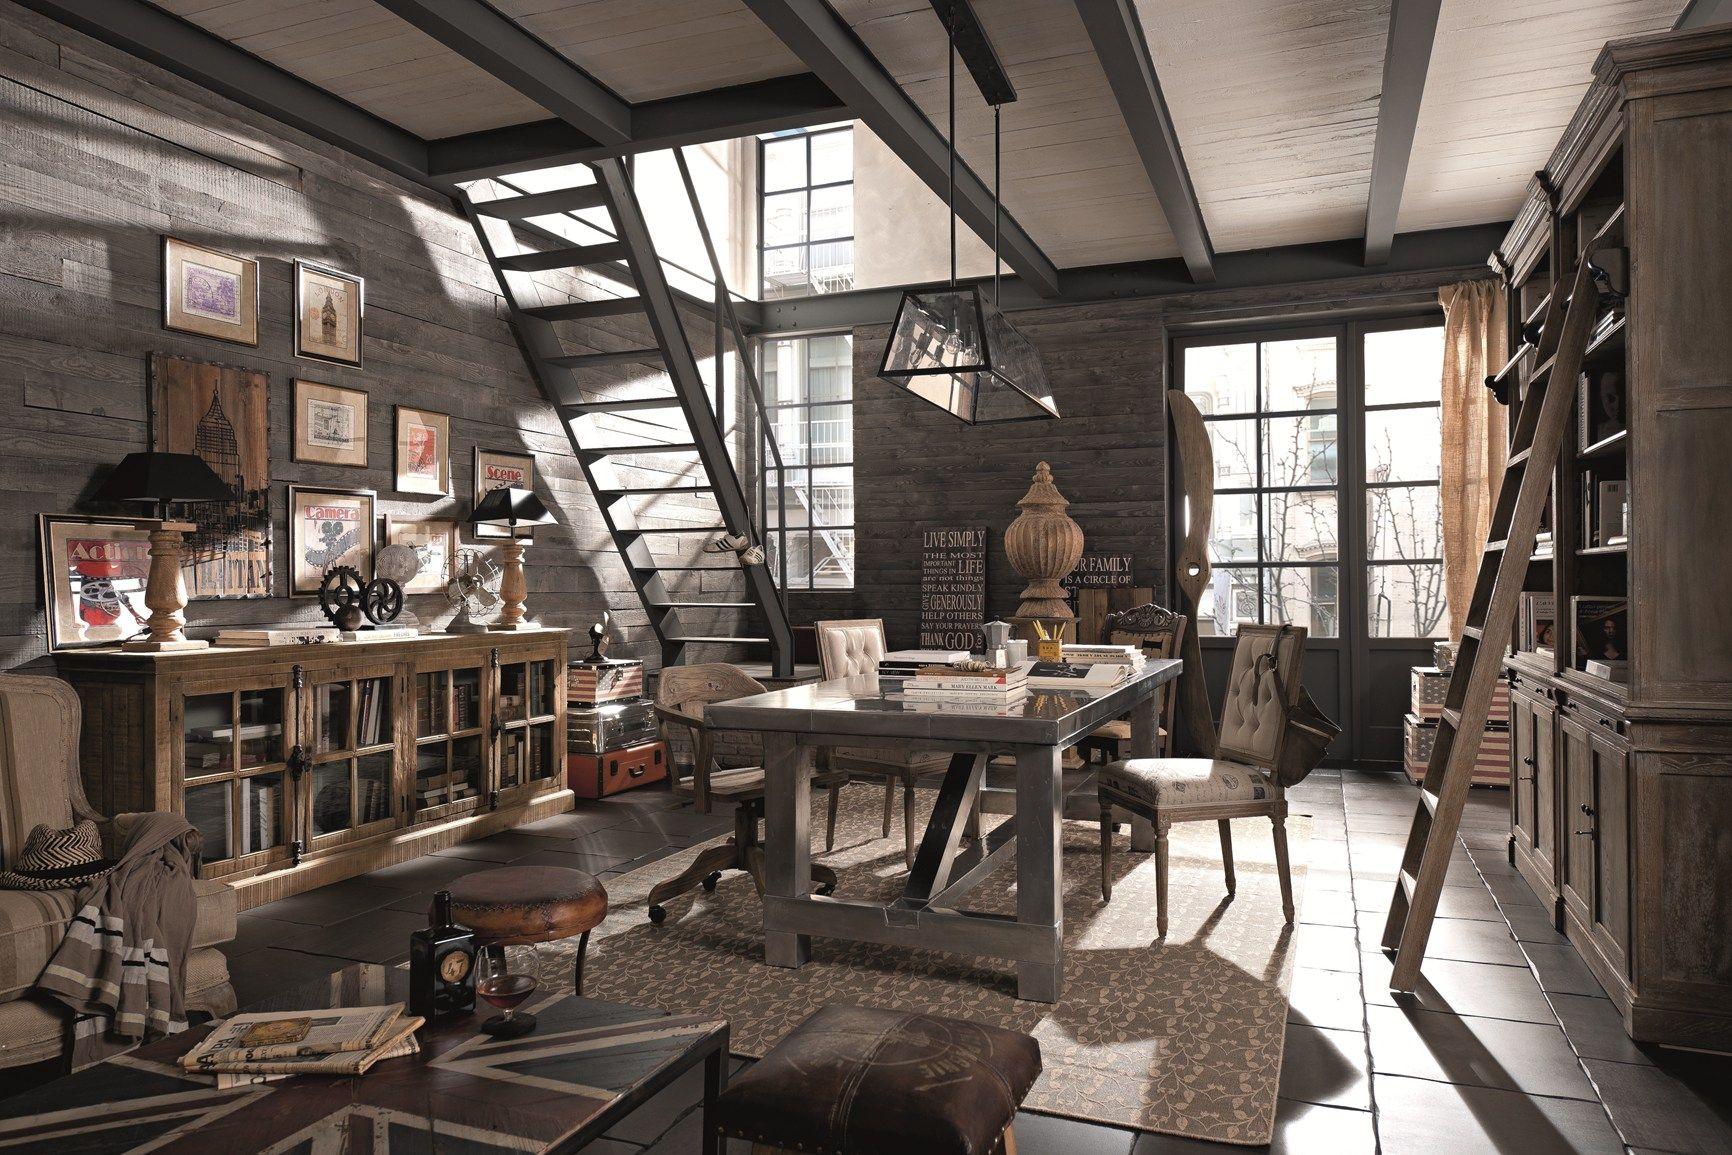 Ristorante industrial pentole cerca con google domki for Arredare loft open space